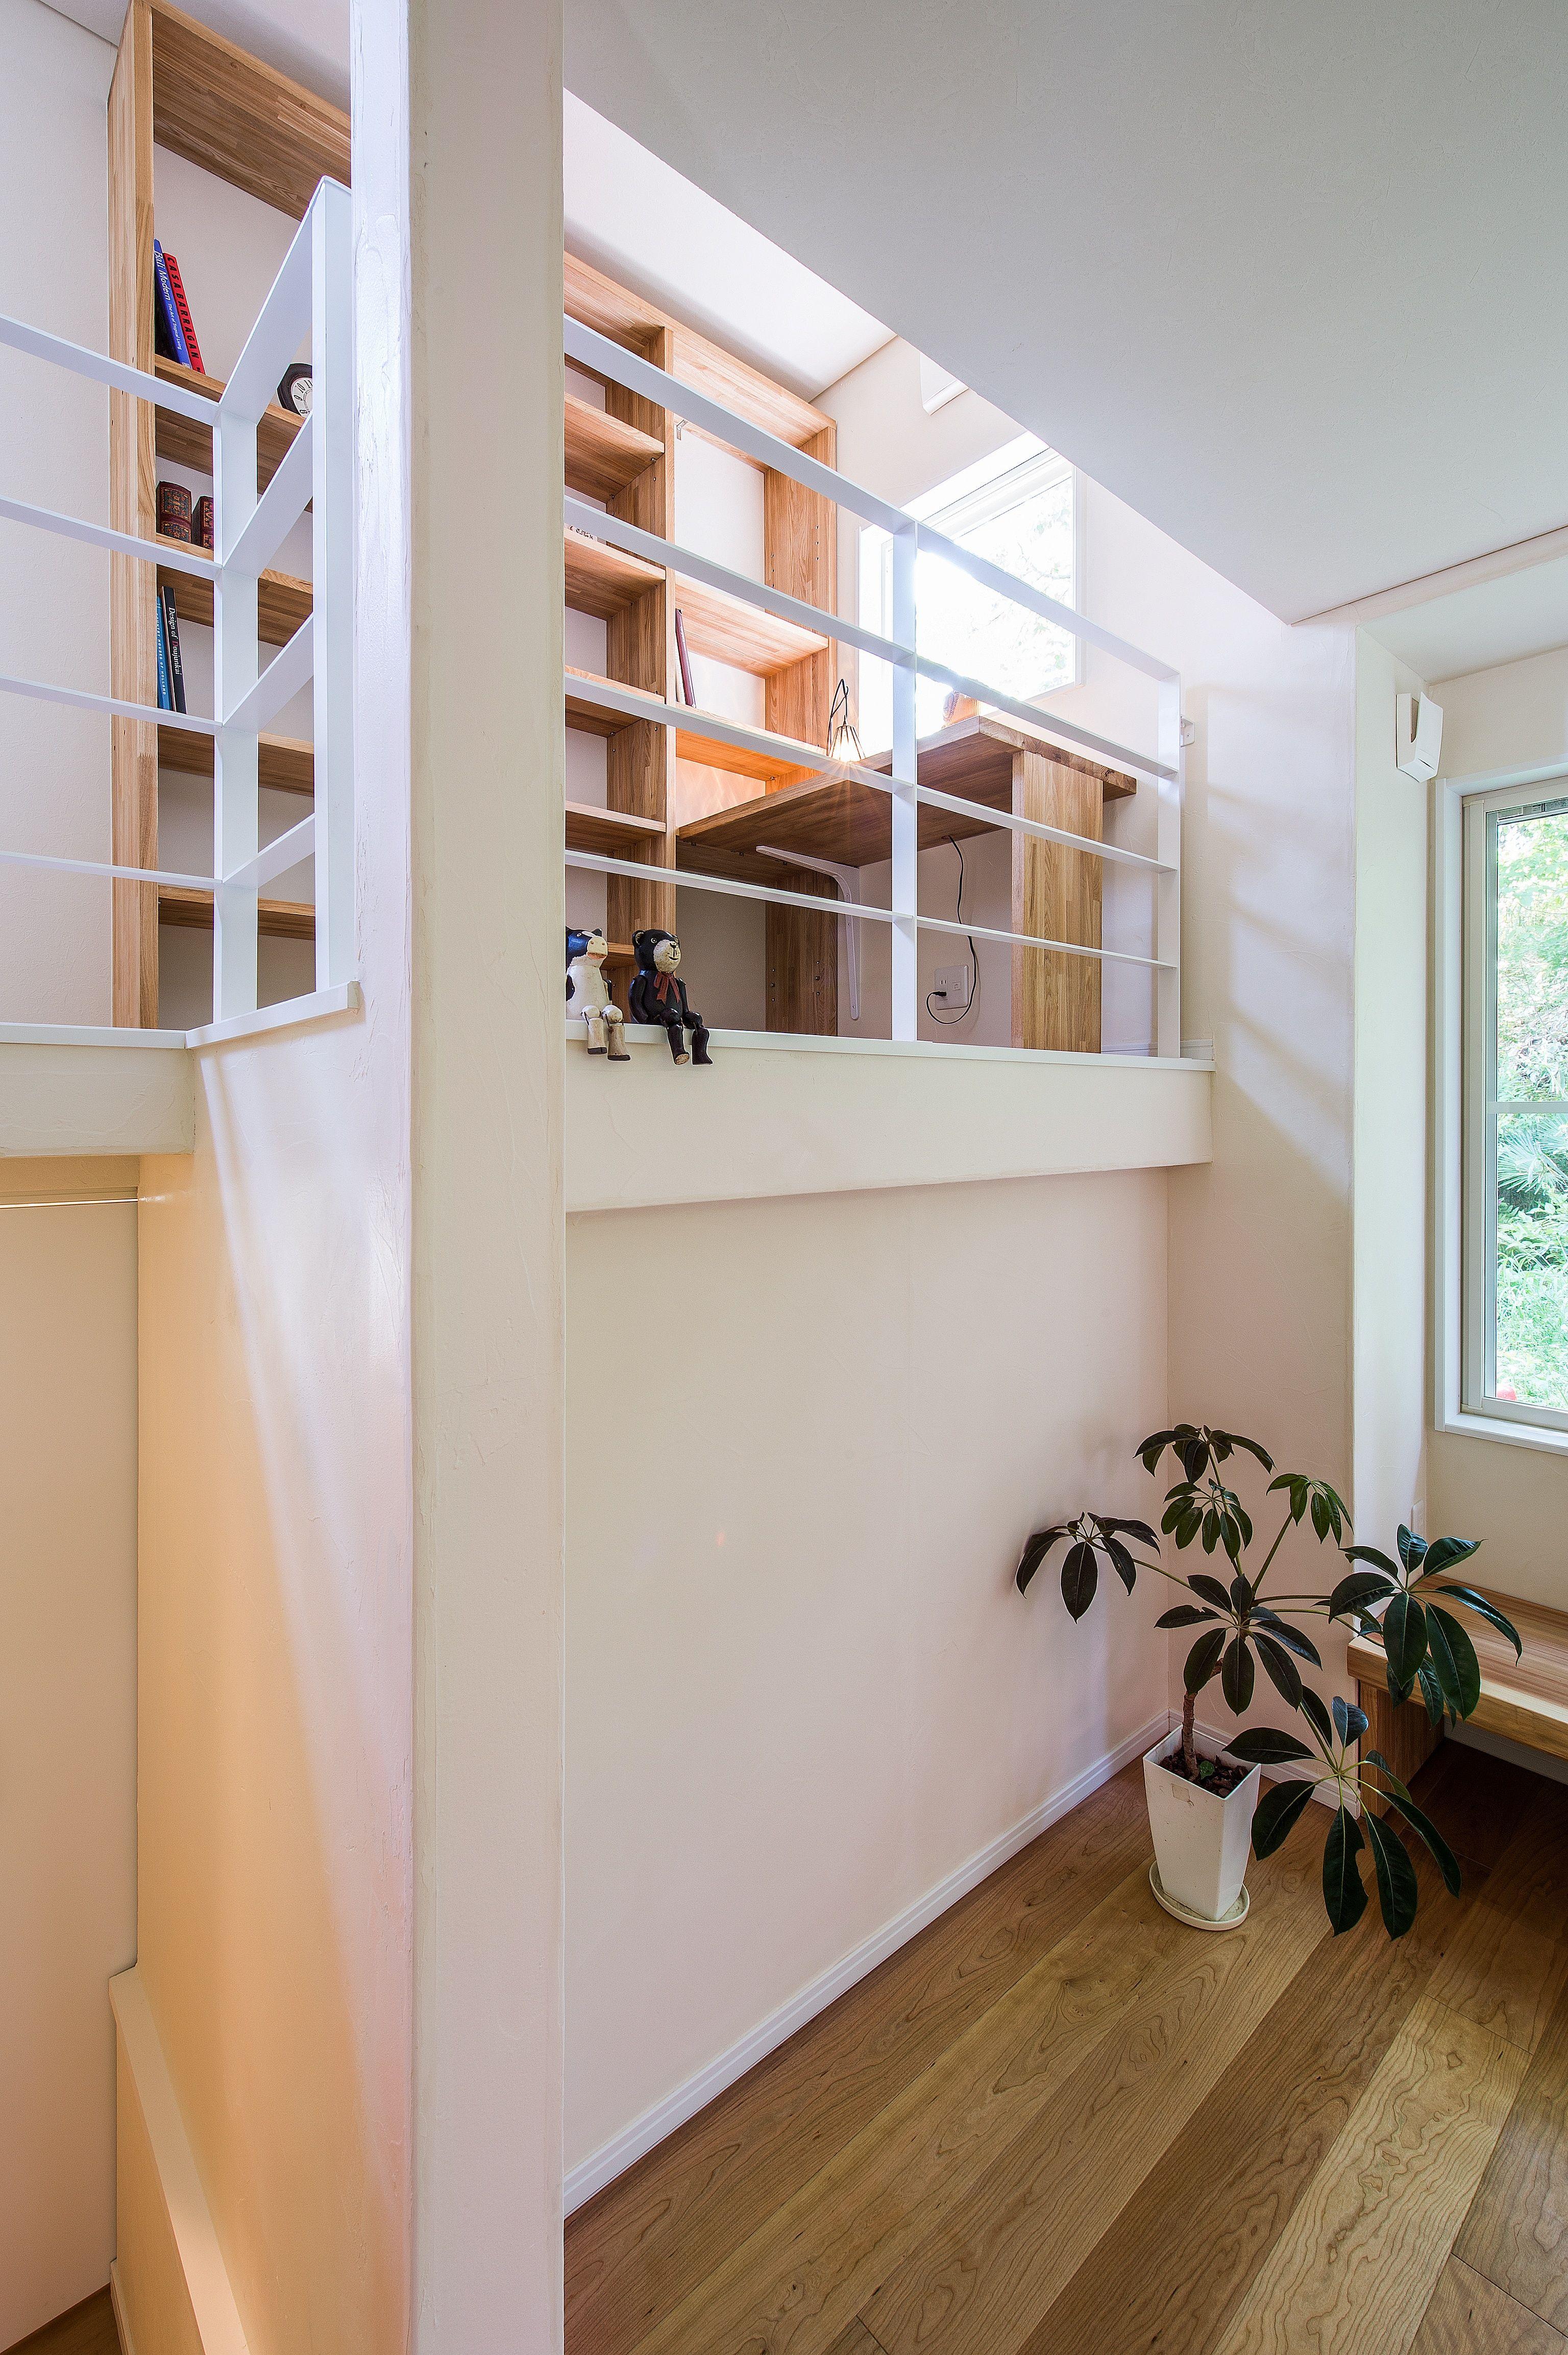 中二階の手すり 真っ白のフラットバー スキップフロア 家 住宅